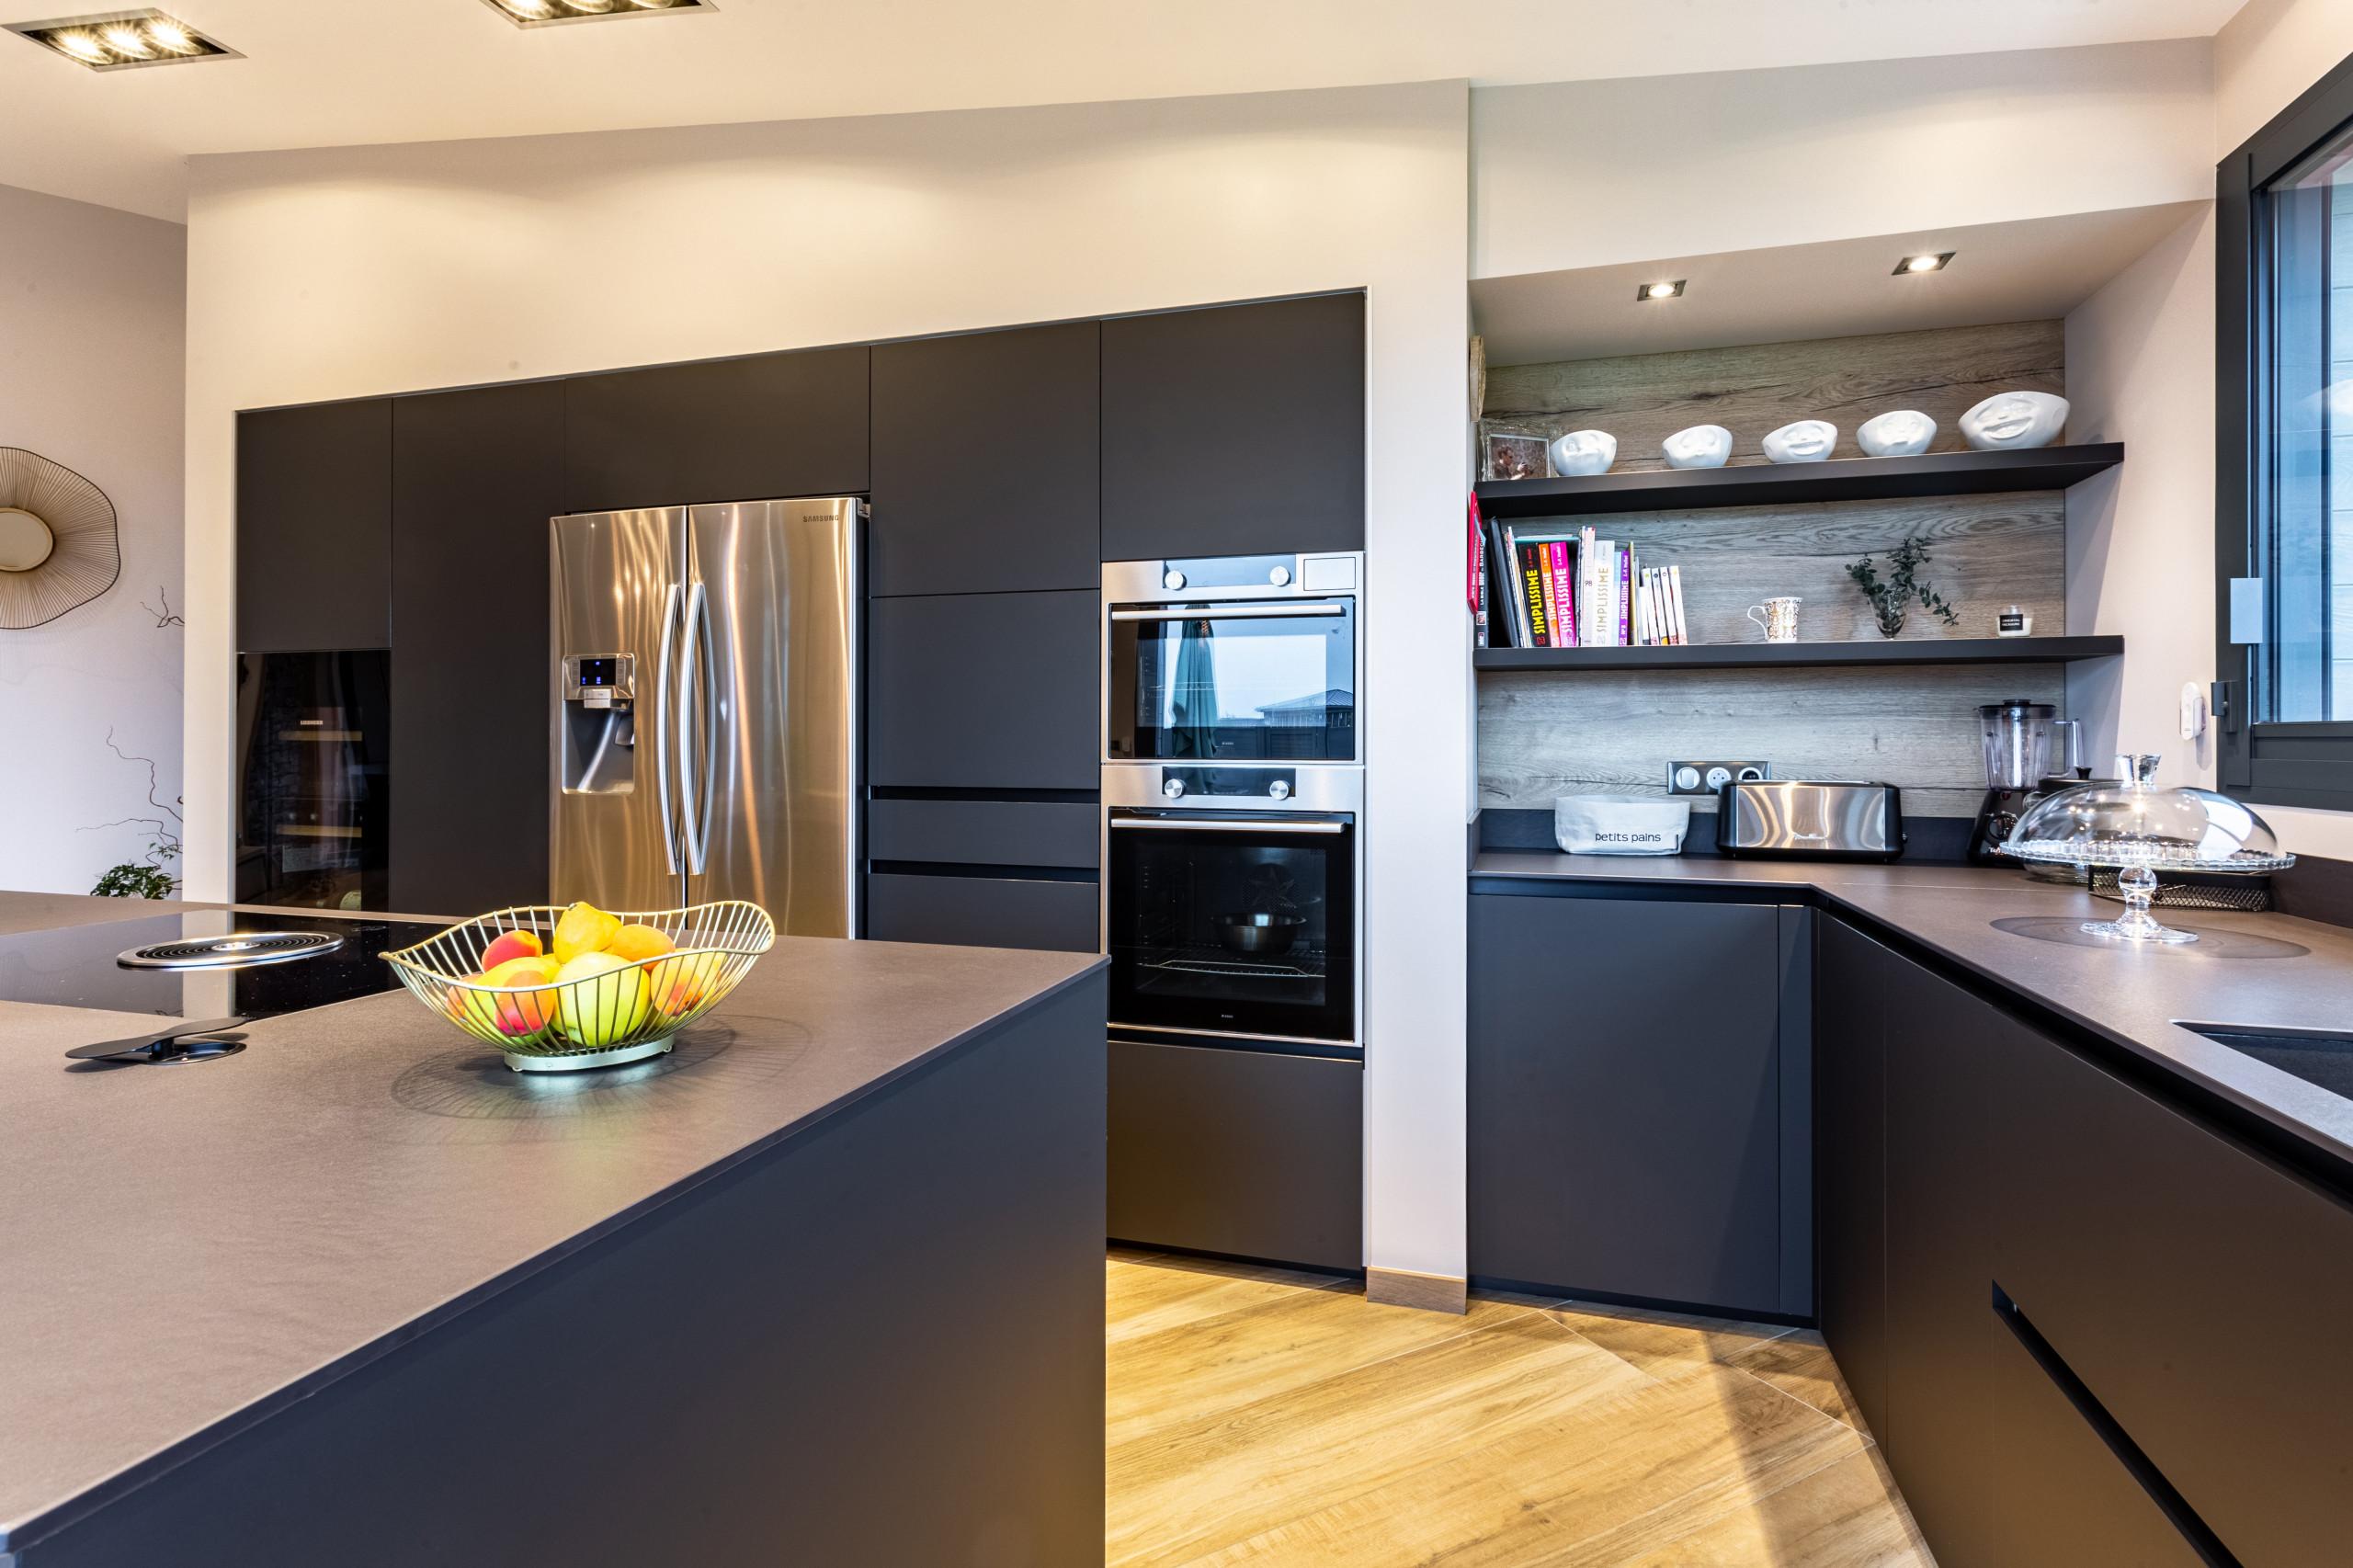 Réalisation d'une cuisine noir mat haut de gamme sans poignées avec mange debout